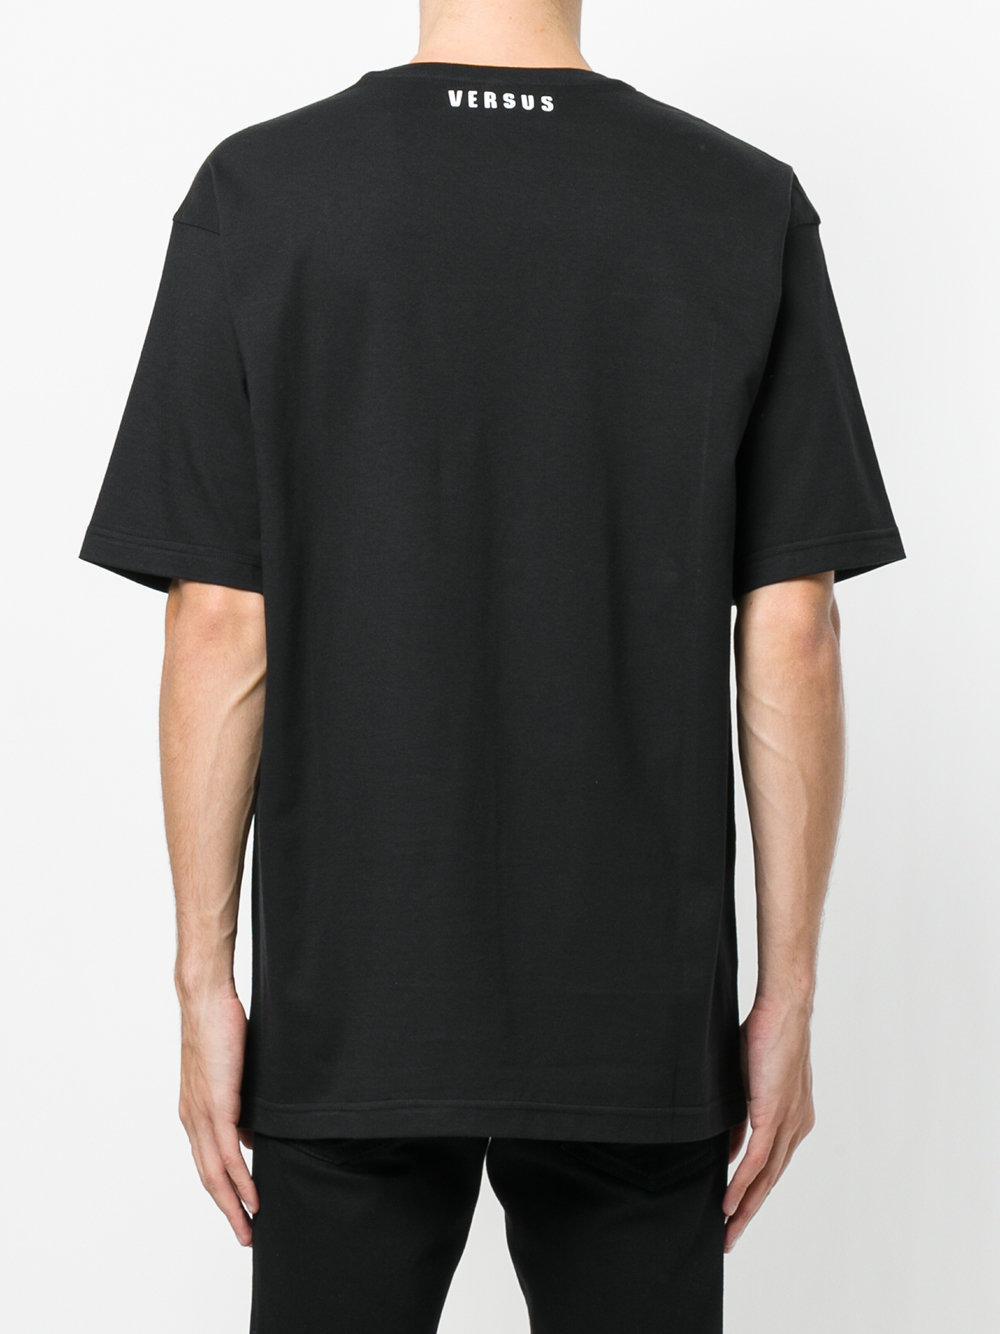 Lyst versus printed t shirt in black for men for T shirt printing mobile al